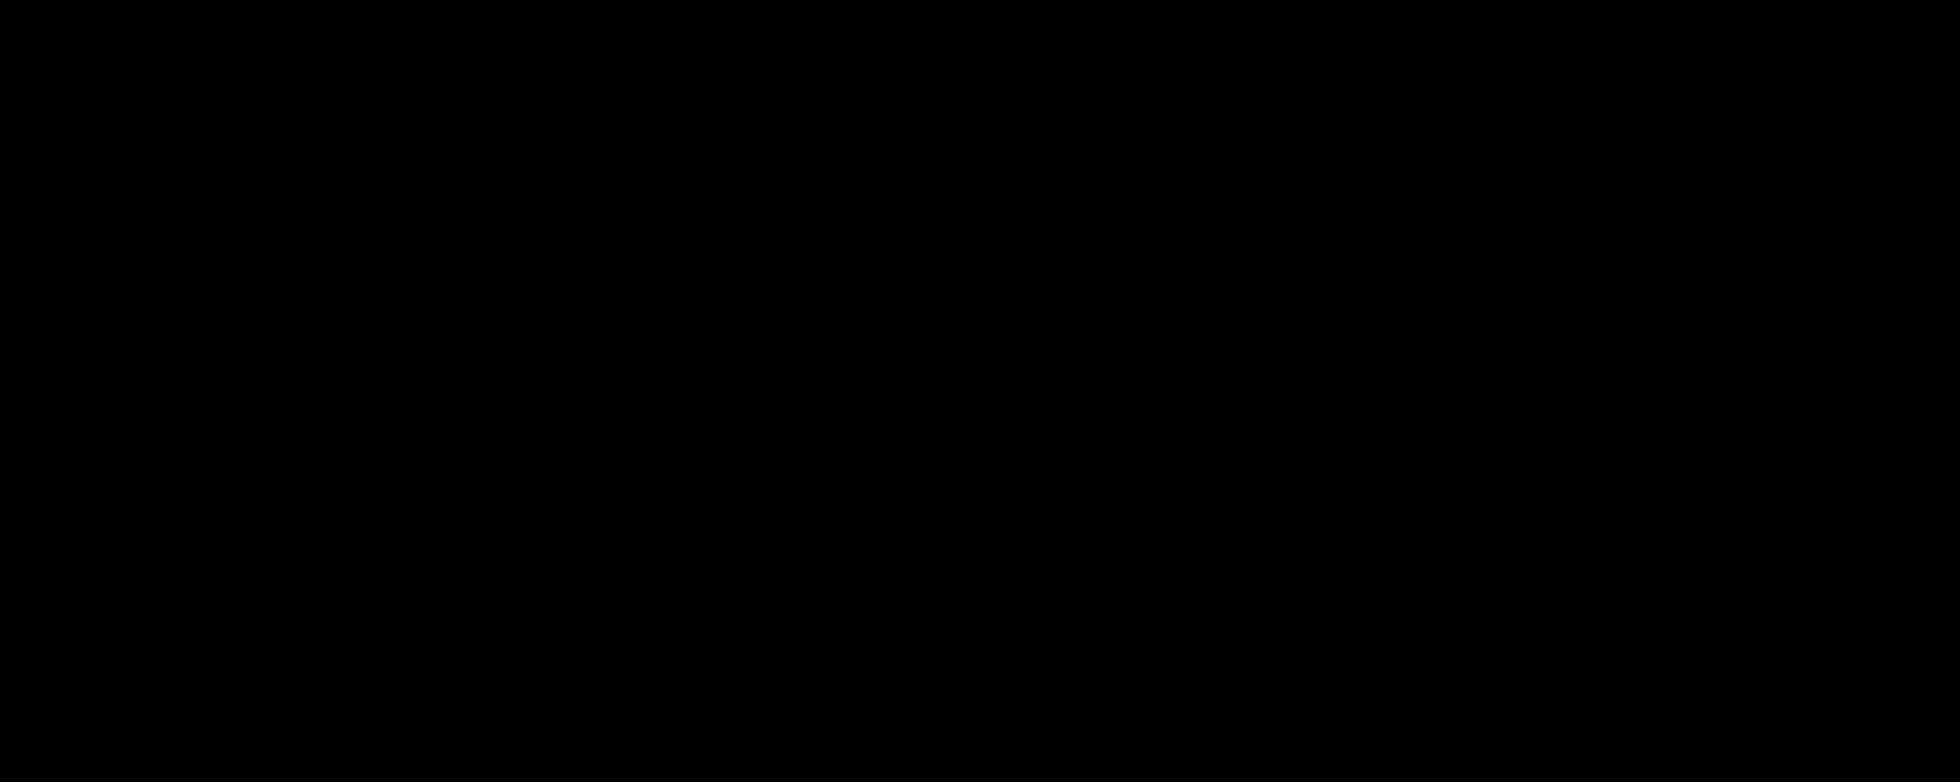 N-(Aminooxyacetyl)-N